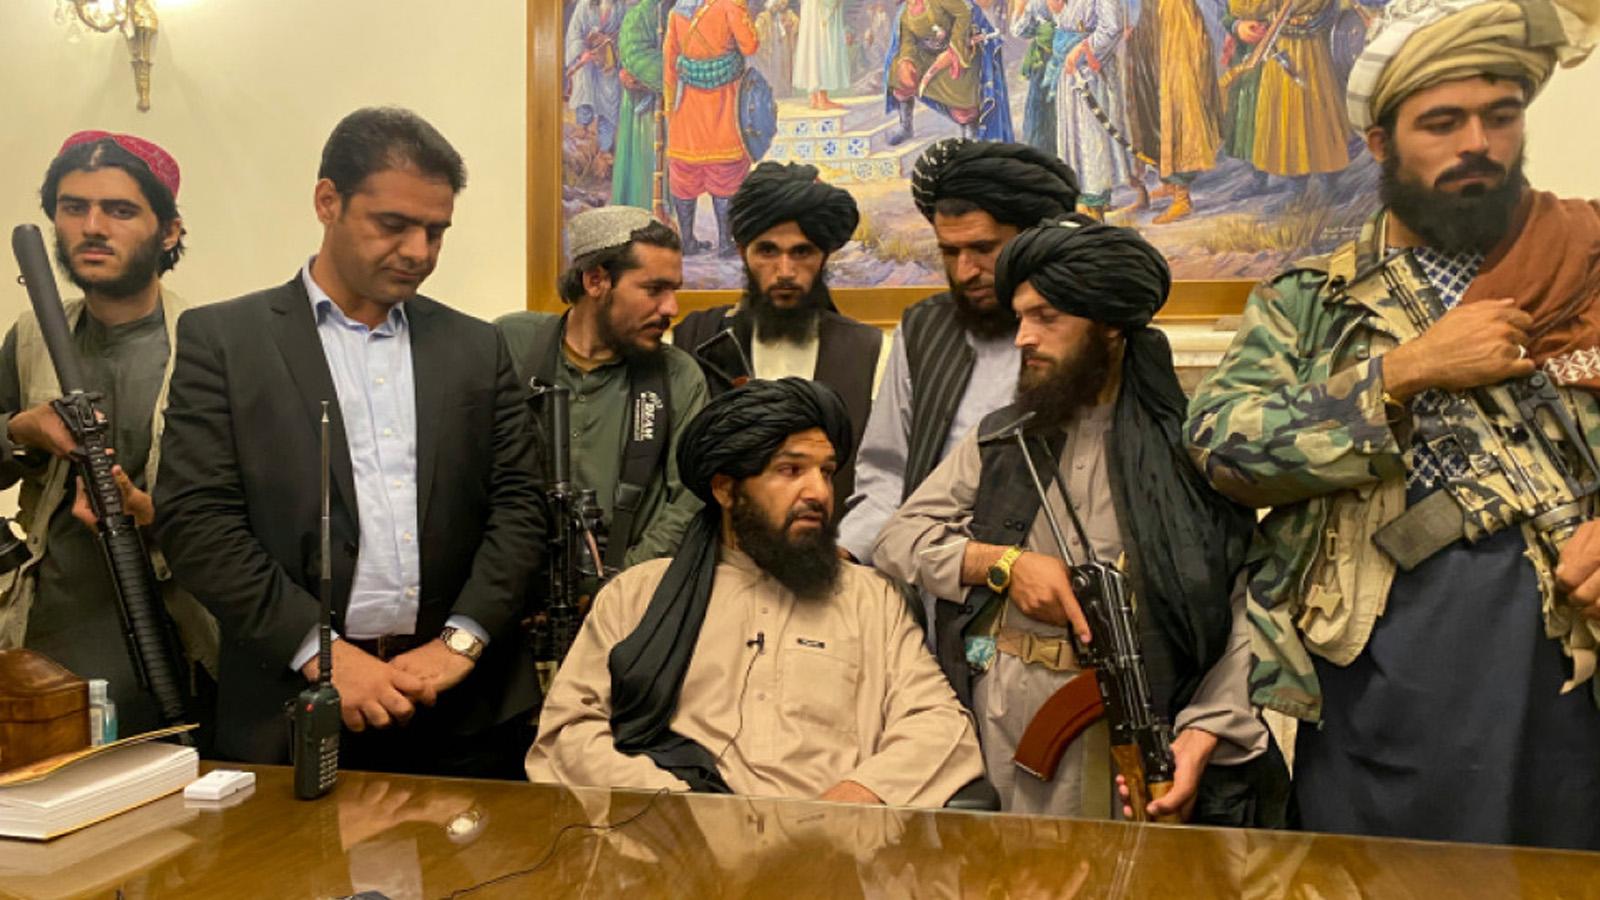 अफगानिस्तान चलाउन तालिबानलाई समय दिनुपर्छः पाक मन्त्री